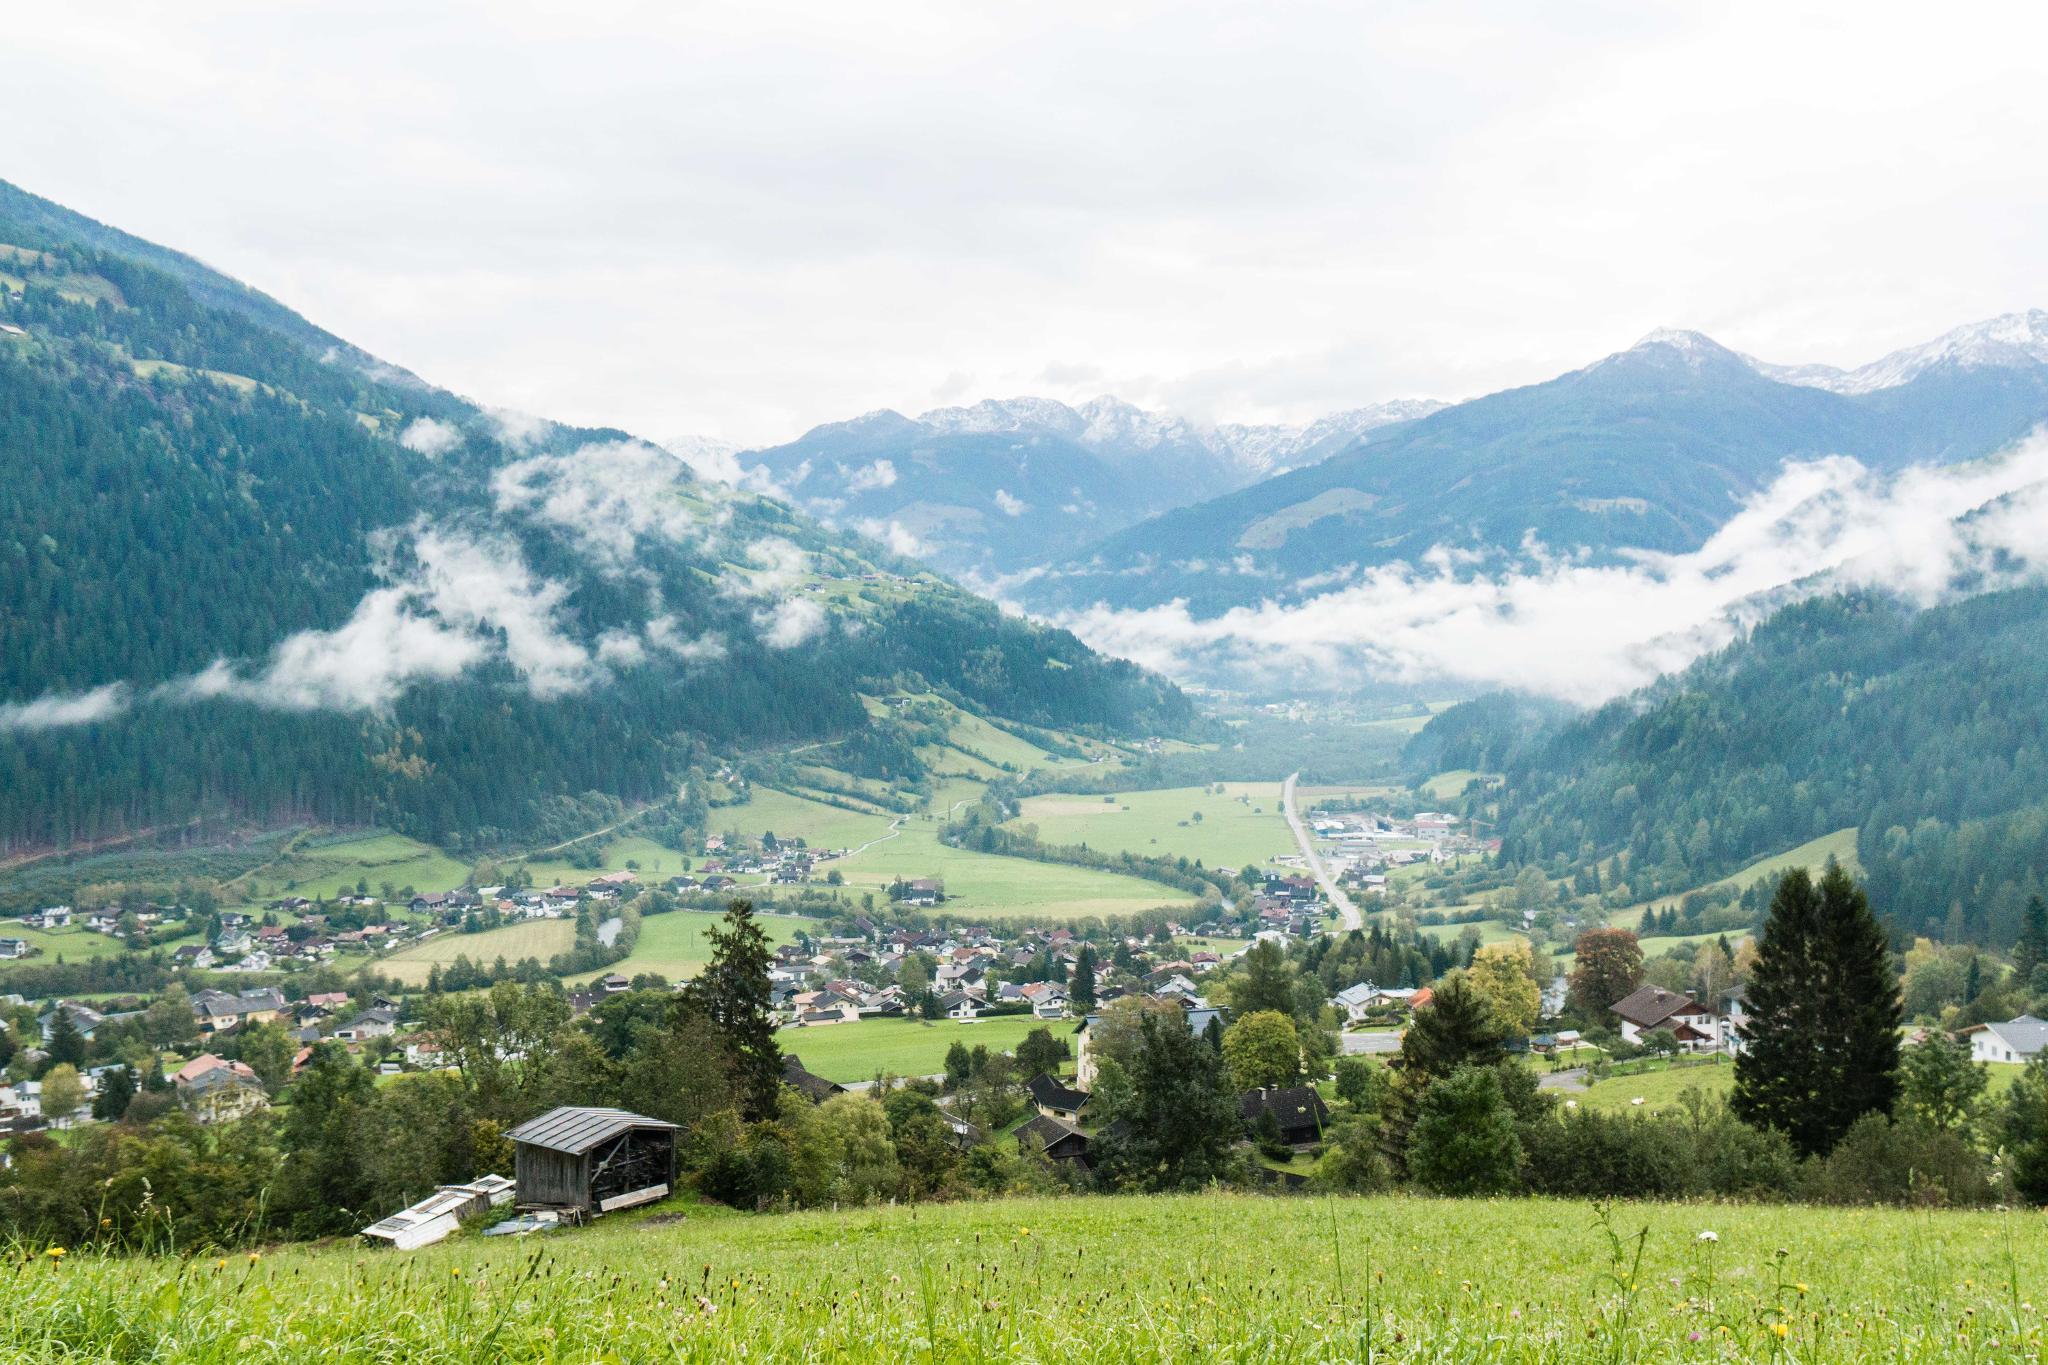 【奧地利】穿越阿爾卑斯之巔 — 奧地利大鐘山冰河公路 (Grossglockner High Alpine Road) 7